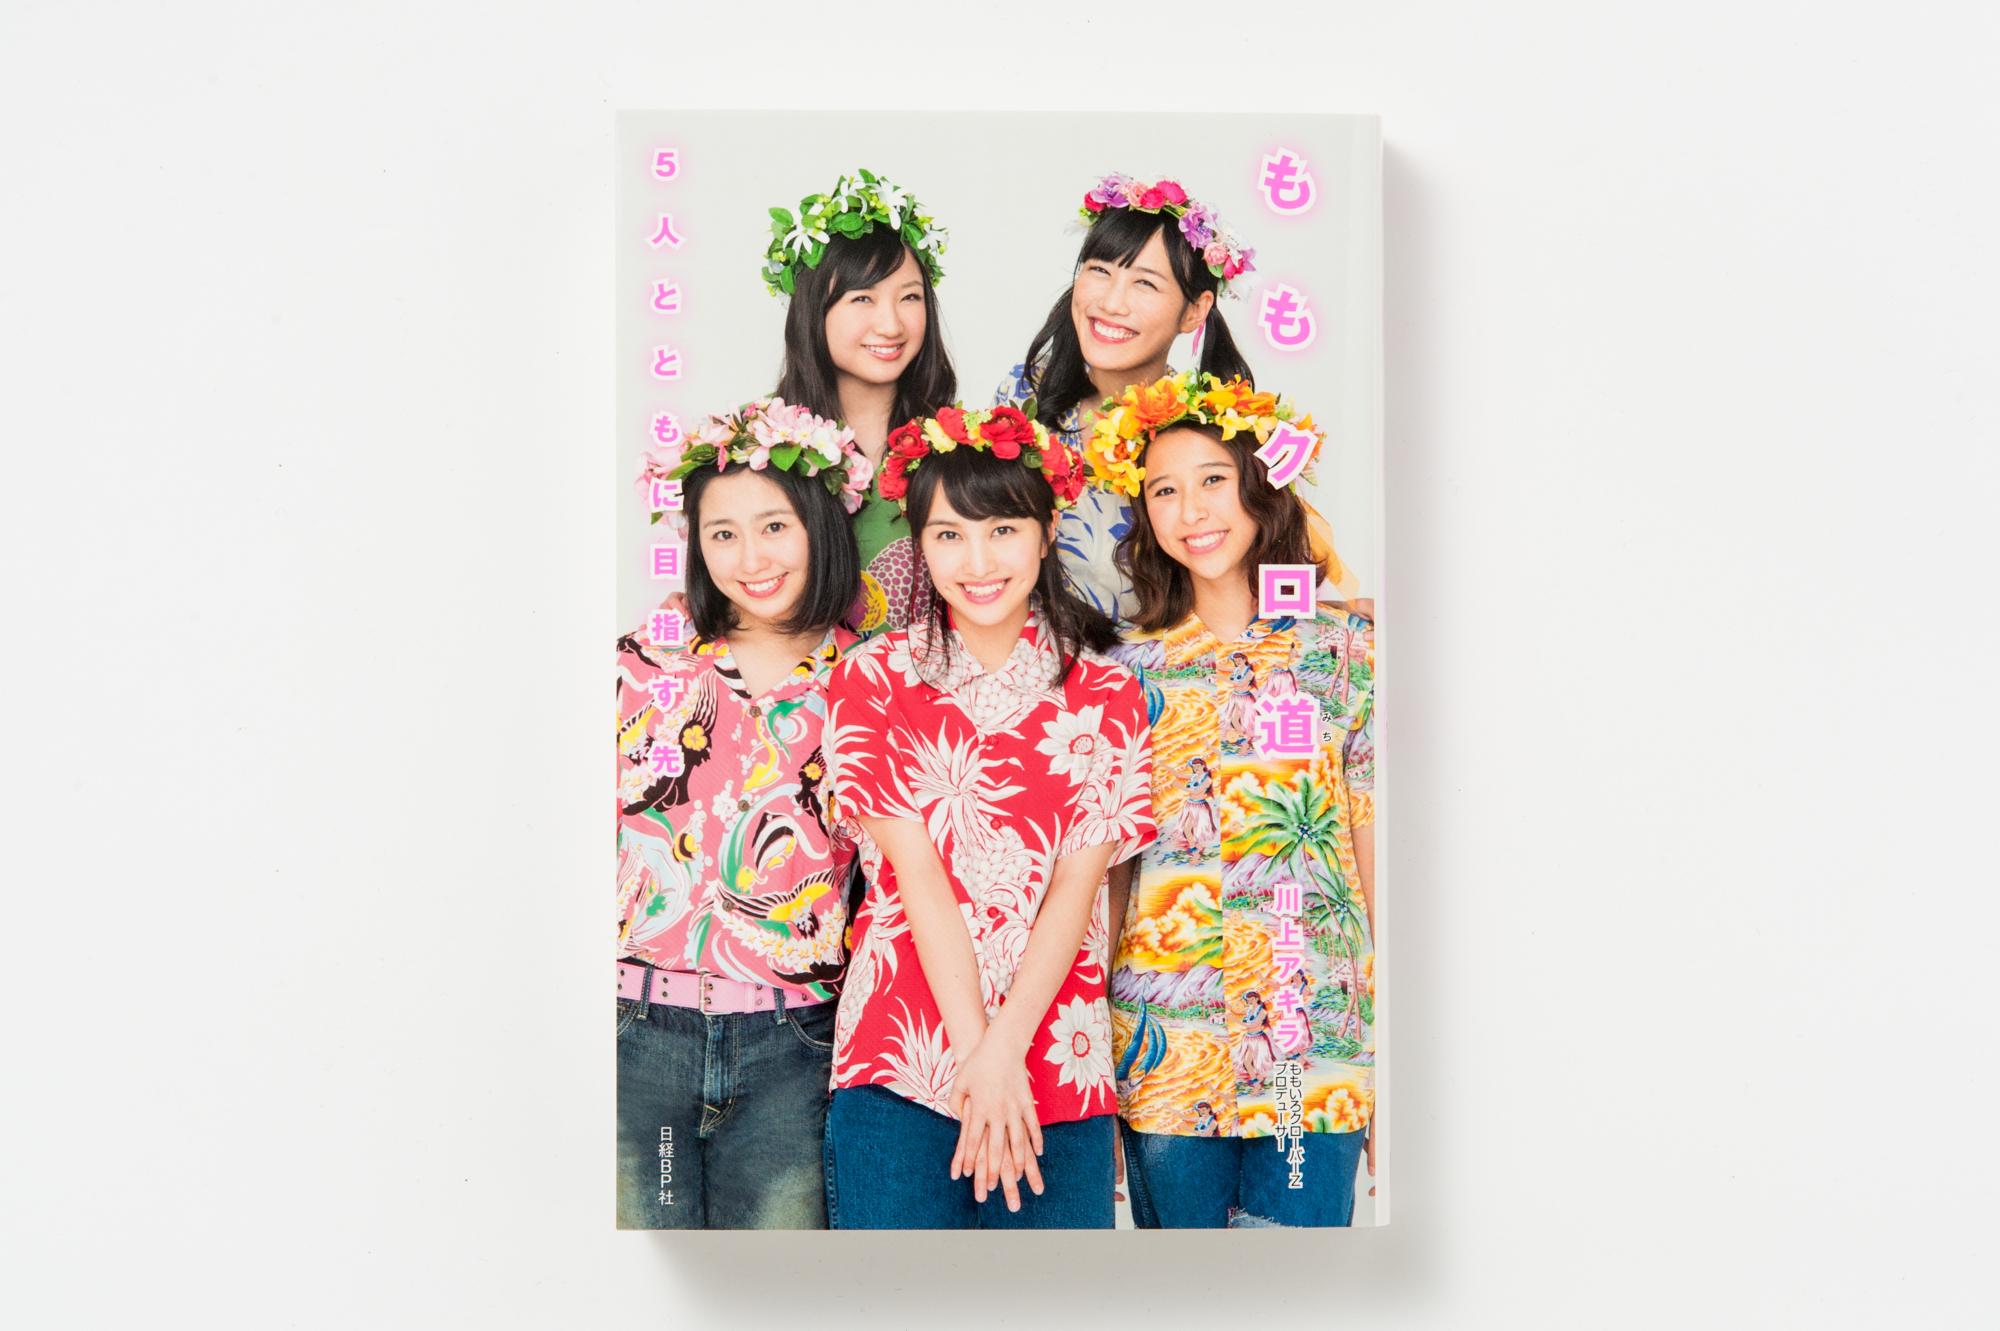 ももクロ道 5人とともに目指す先 2016 photo:IKEDA Masanori